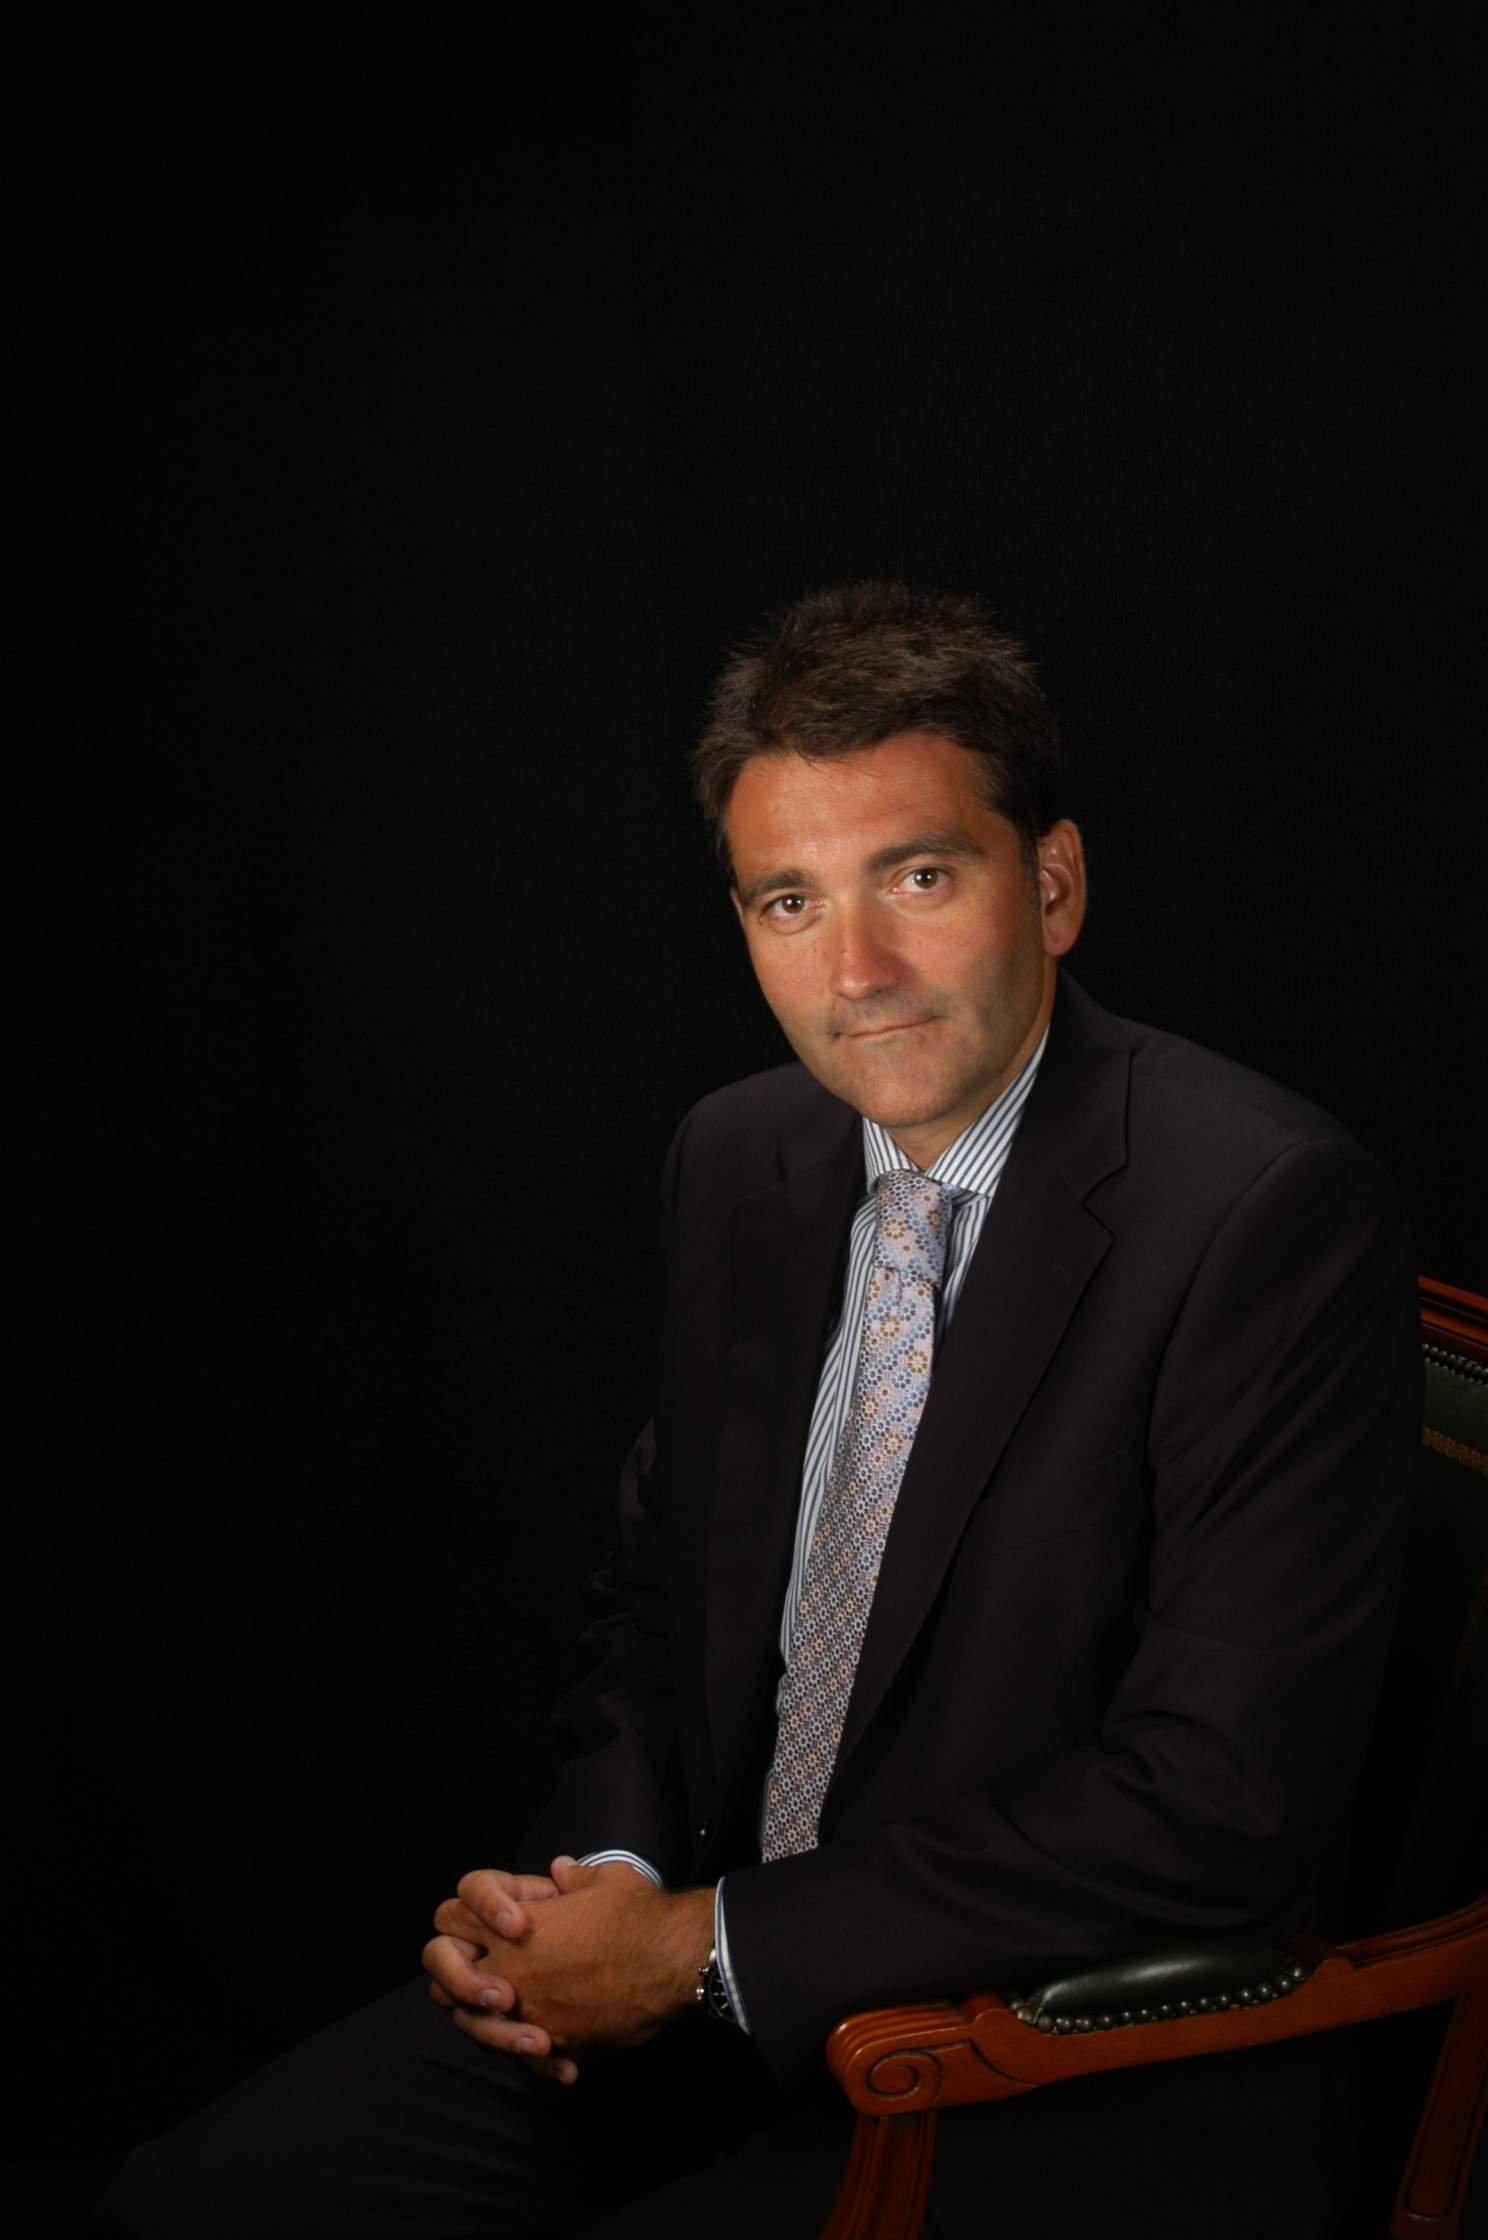 Sr. Francisco Espinosa Juan